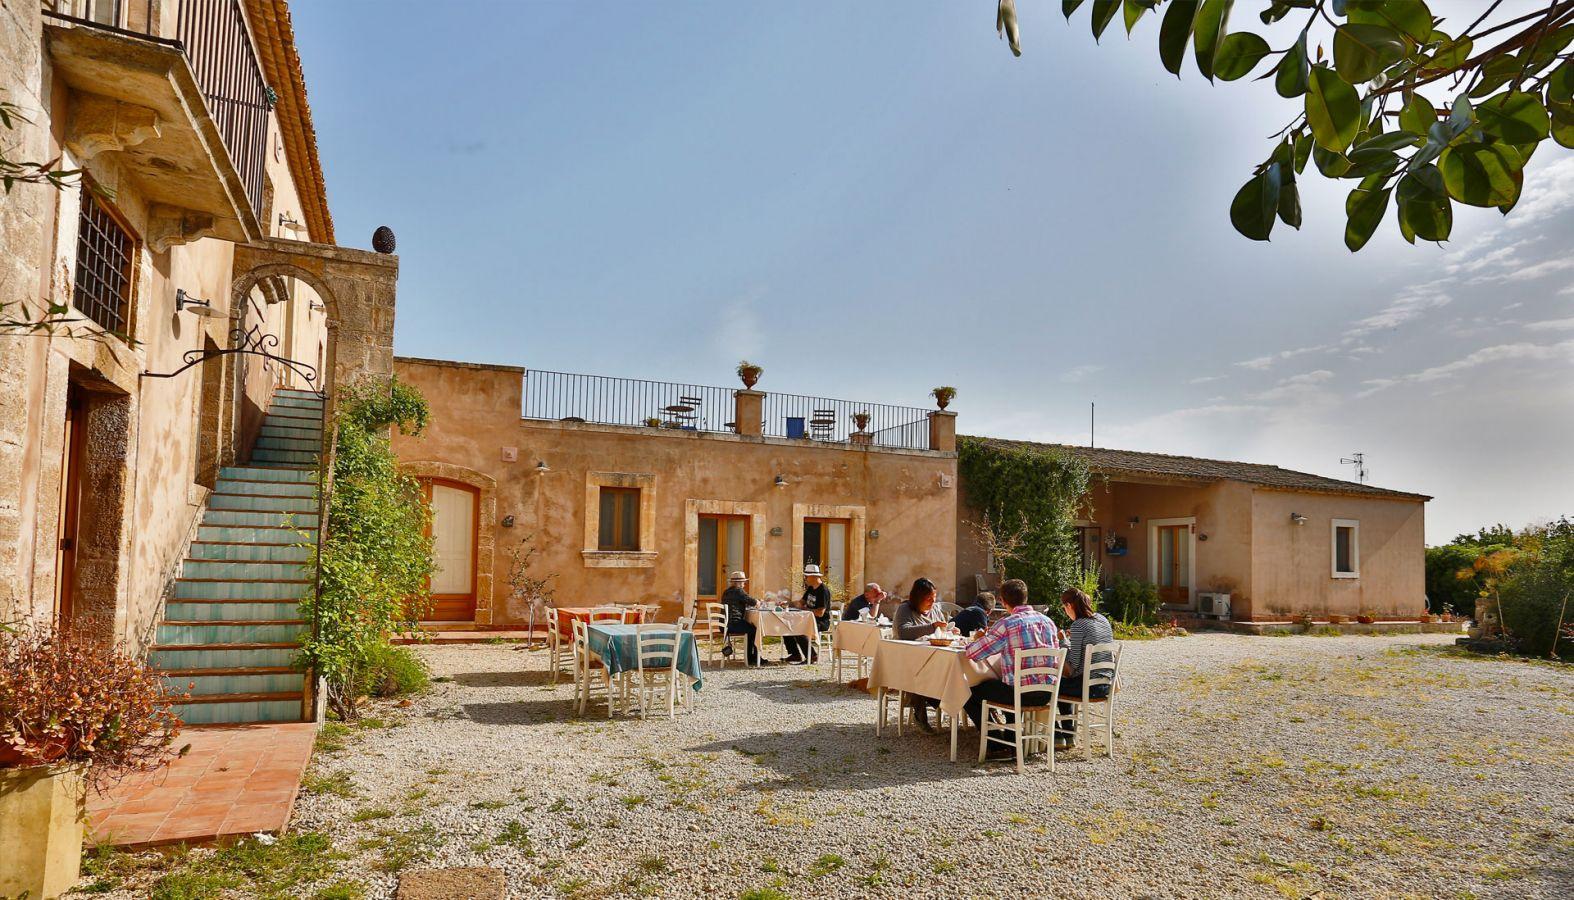 agriturismo siracusa sicilia italia solaris